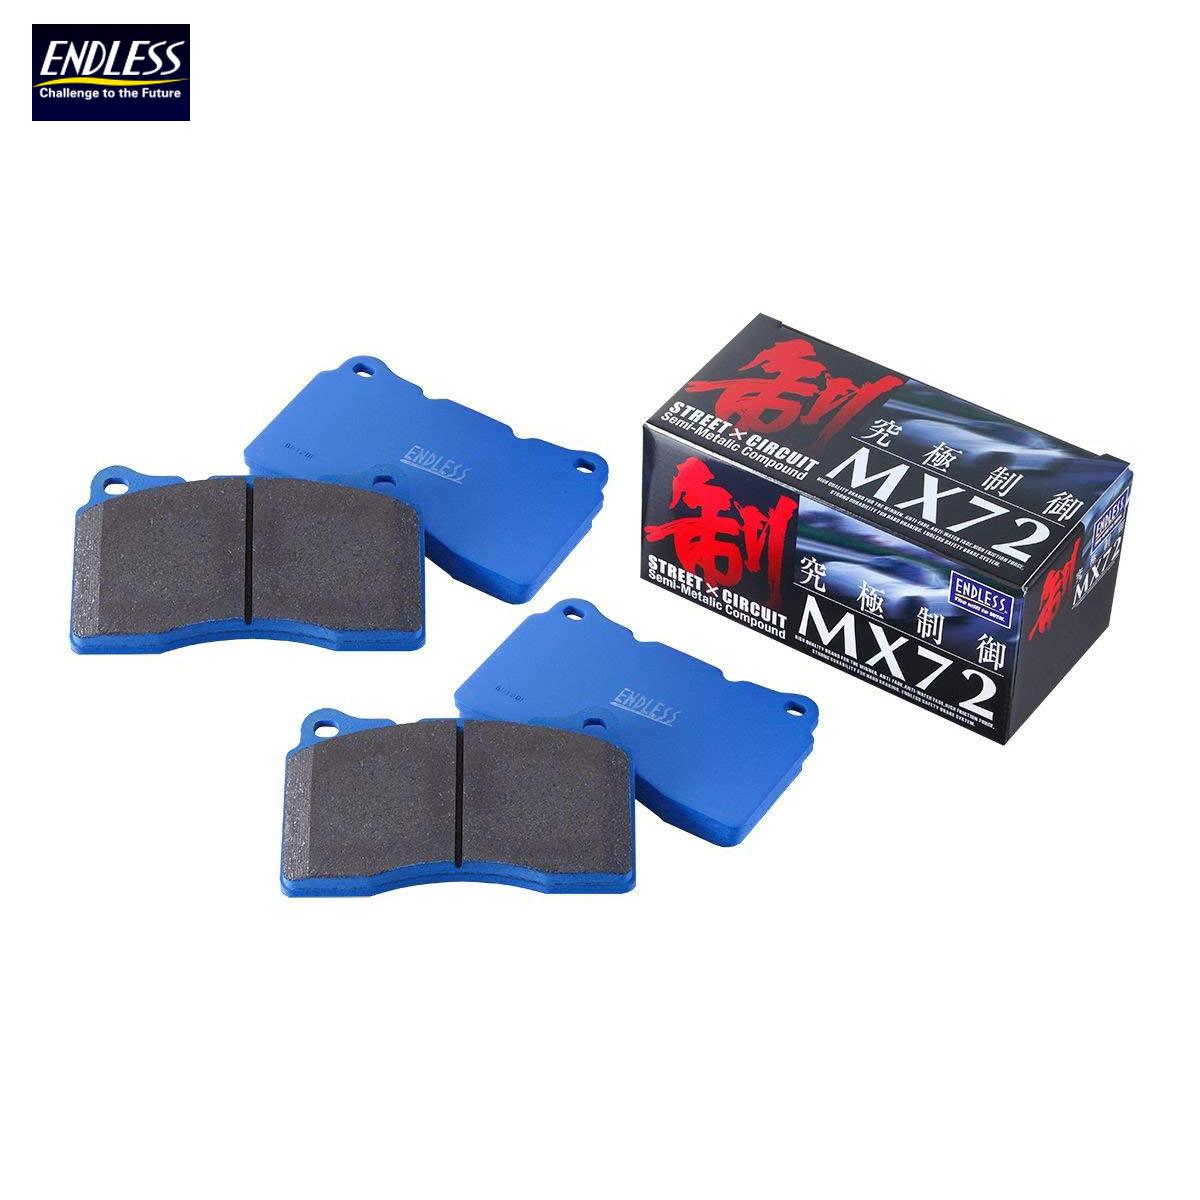 ENDLESS エンドレス ブレーキパッド MX72セット フロント EP442 リア EP443 ヴェルファイア ハイブリッド ATH20W